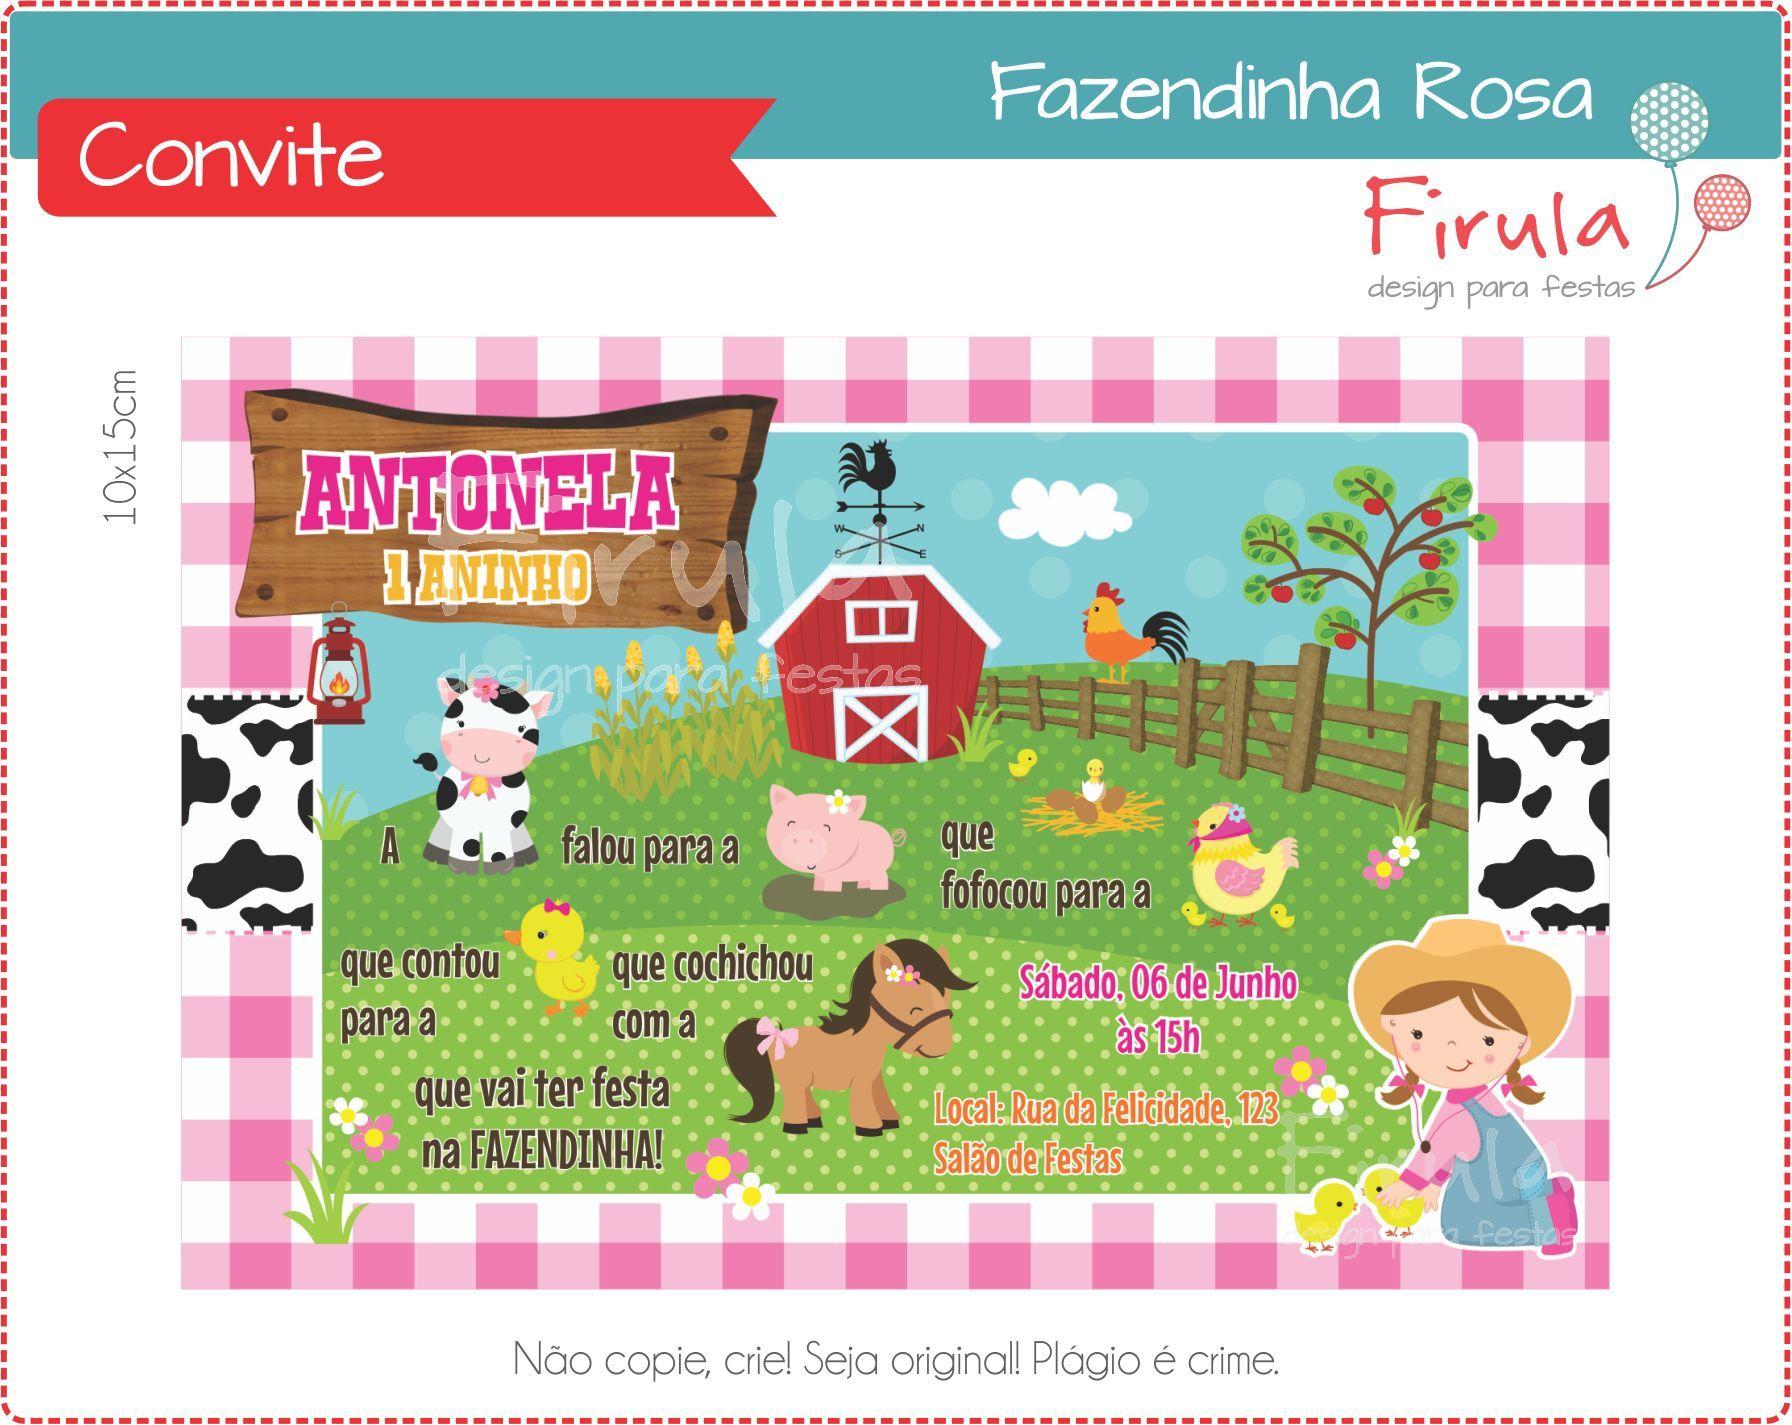 Convite Digital Fazendinha Rosa No Elo7 Firula Festas 5794c0